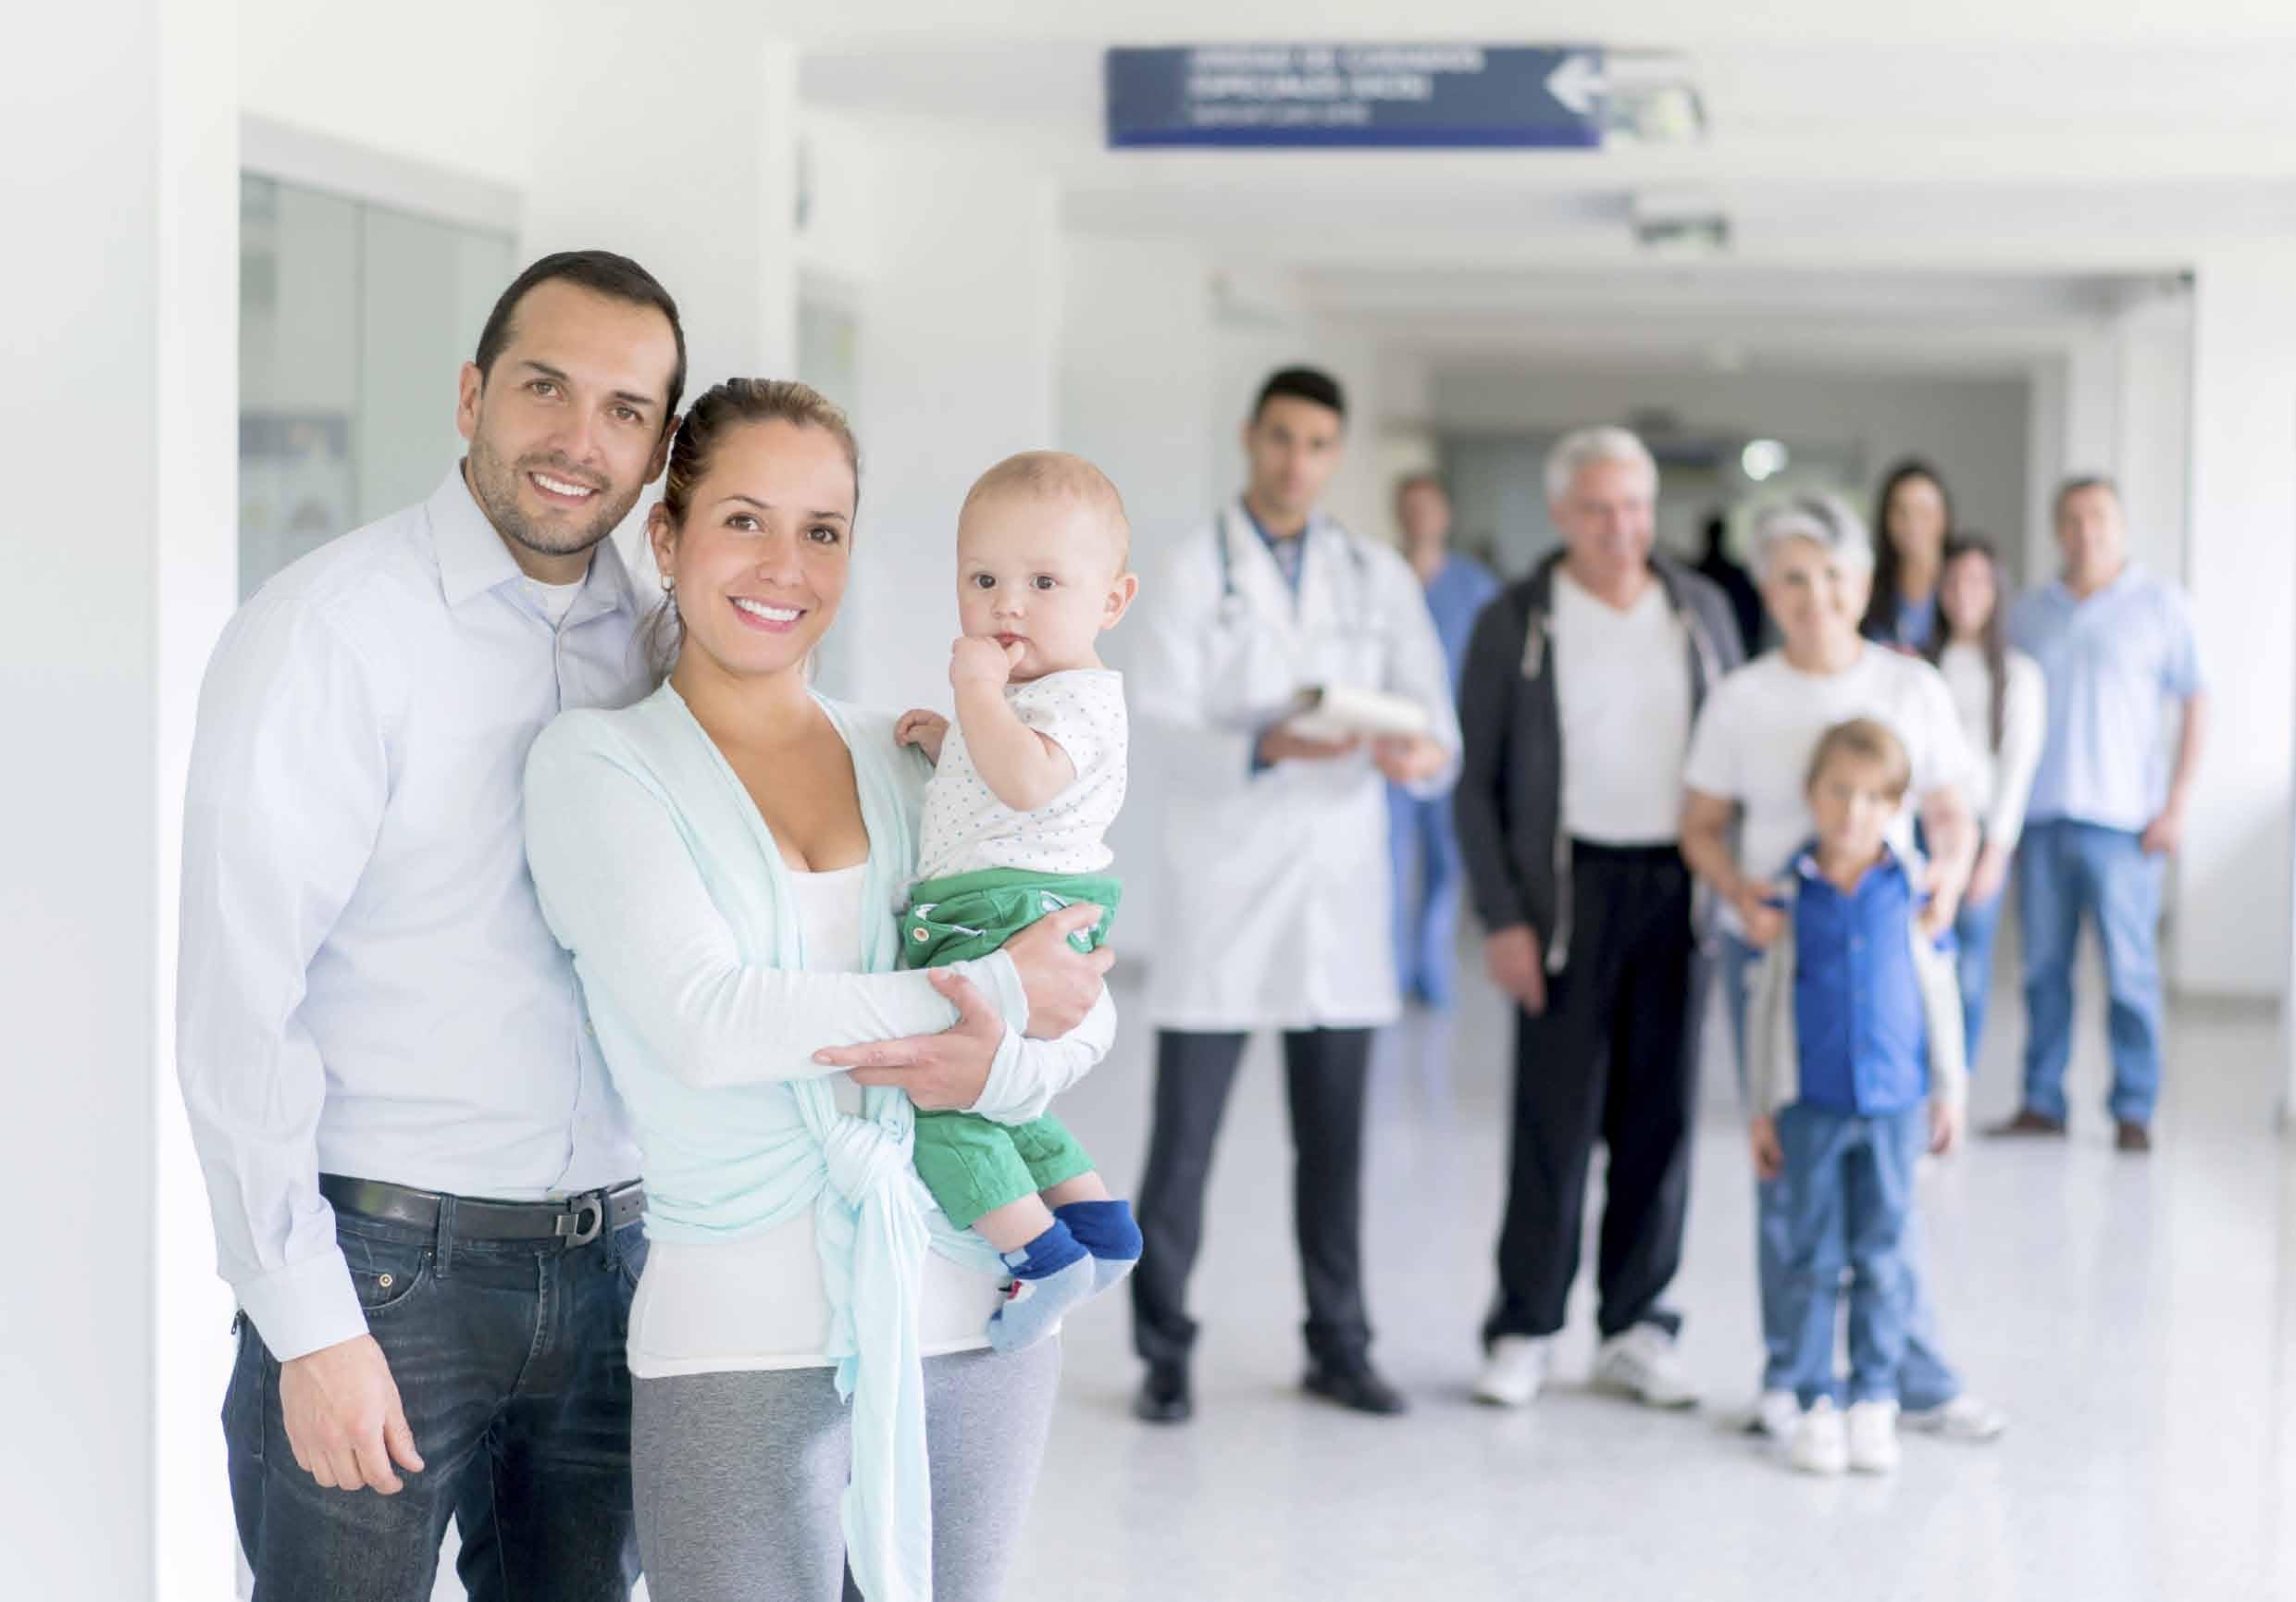 El concepto de salud en el sistema sanitario español